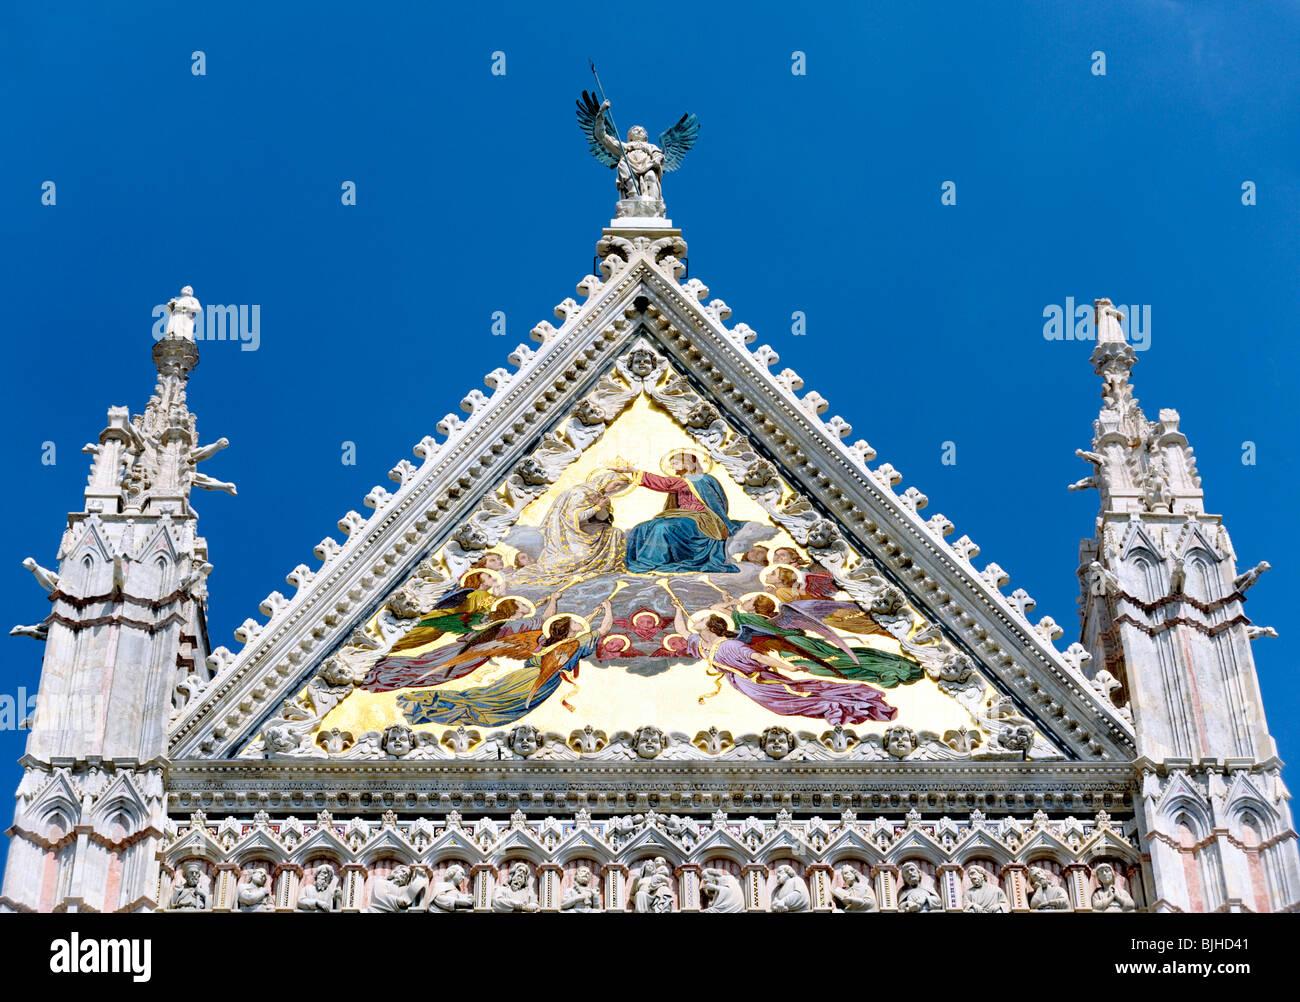 Tympanon an der Hauptfassade des Sienna Kathedrale, Toskana, Italien Stockbild